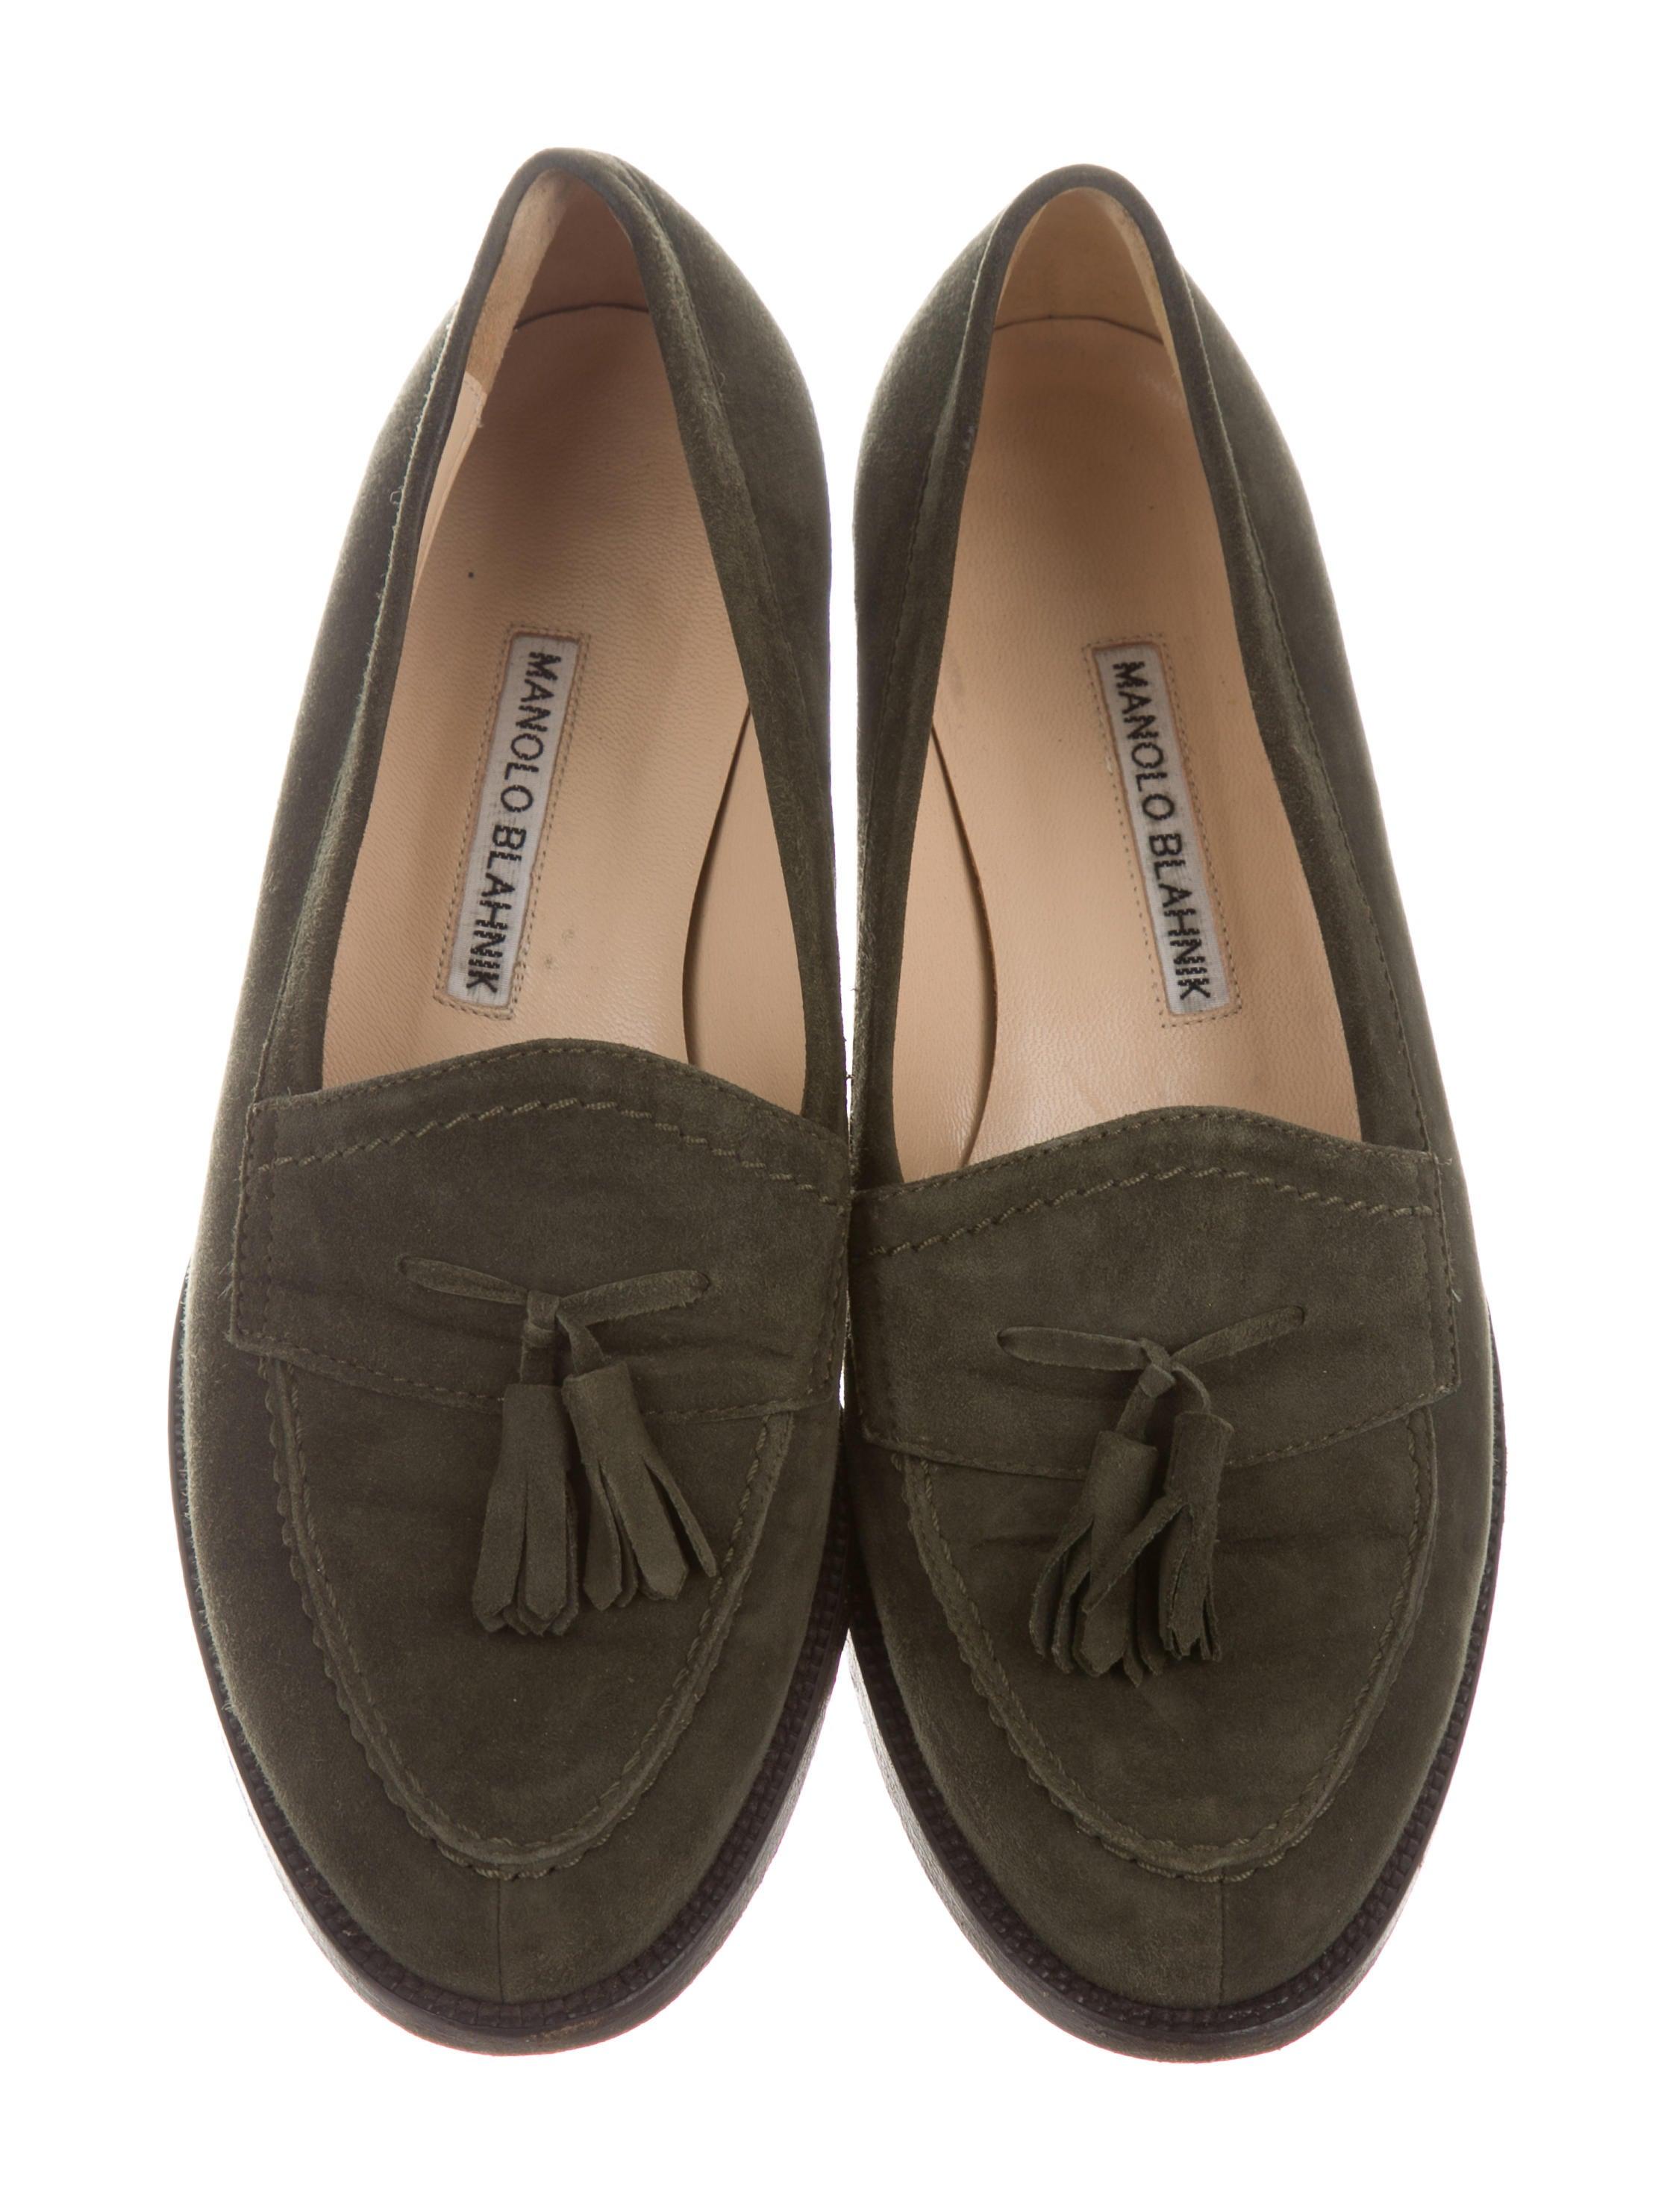 Manolo Blahnik Tassel Round-Toe Loafers websites sale online LFjd0Ztstm